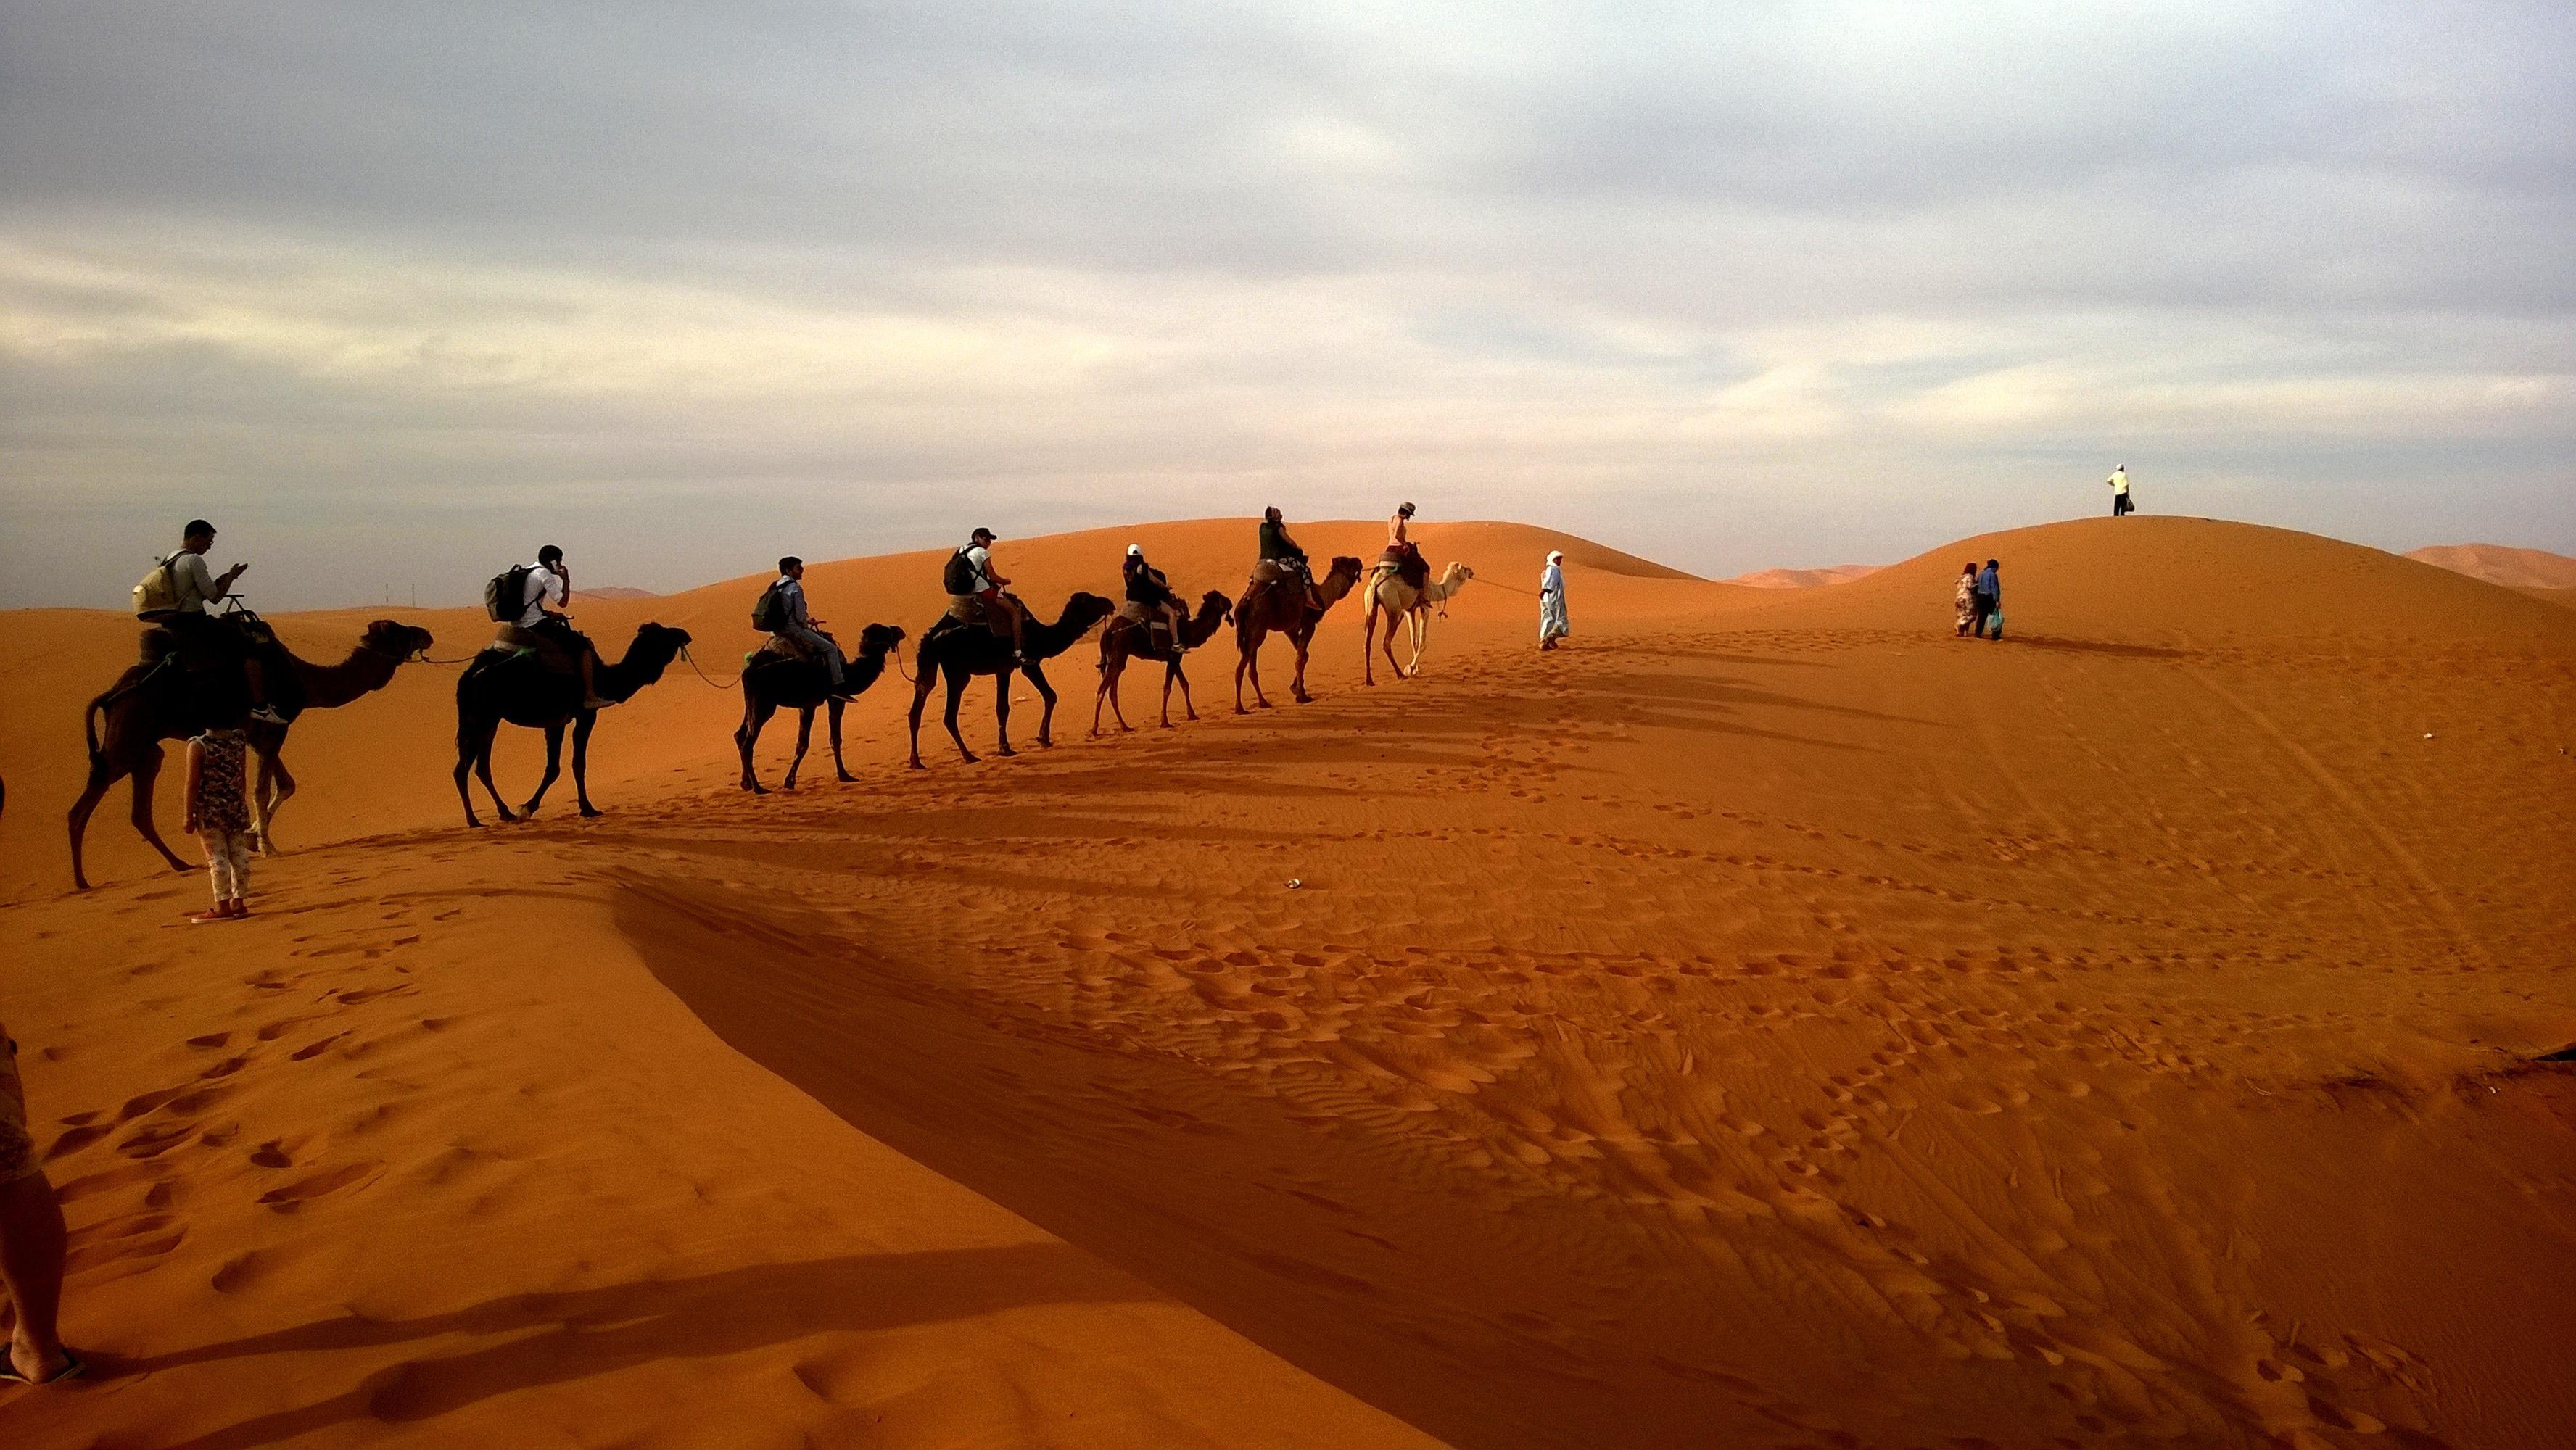 130588 download wallpaper Animals, Caravan, Safari, Dune, Desert, Camels screensavers and pictures for free